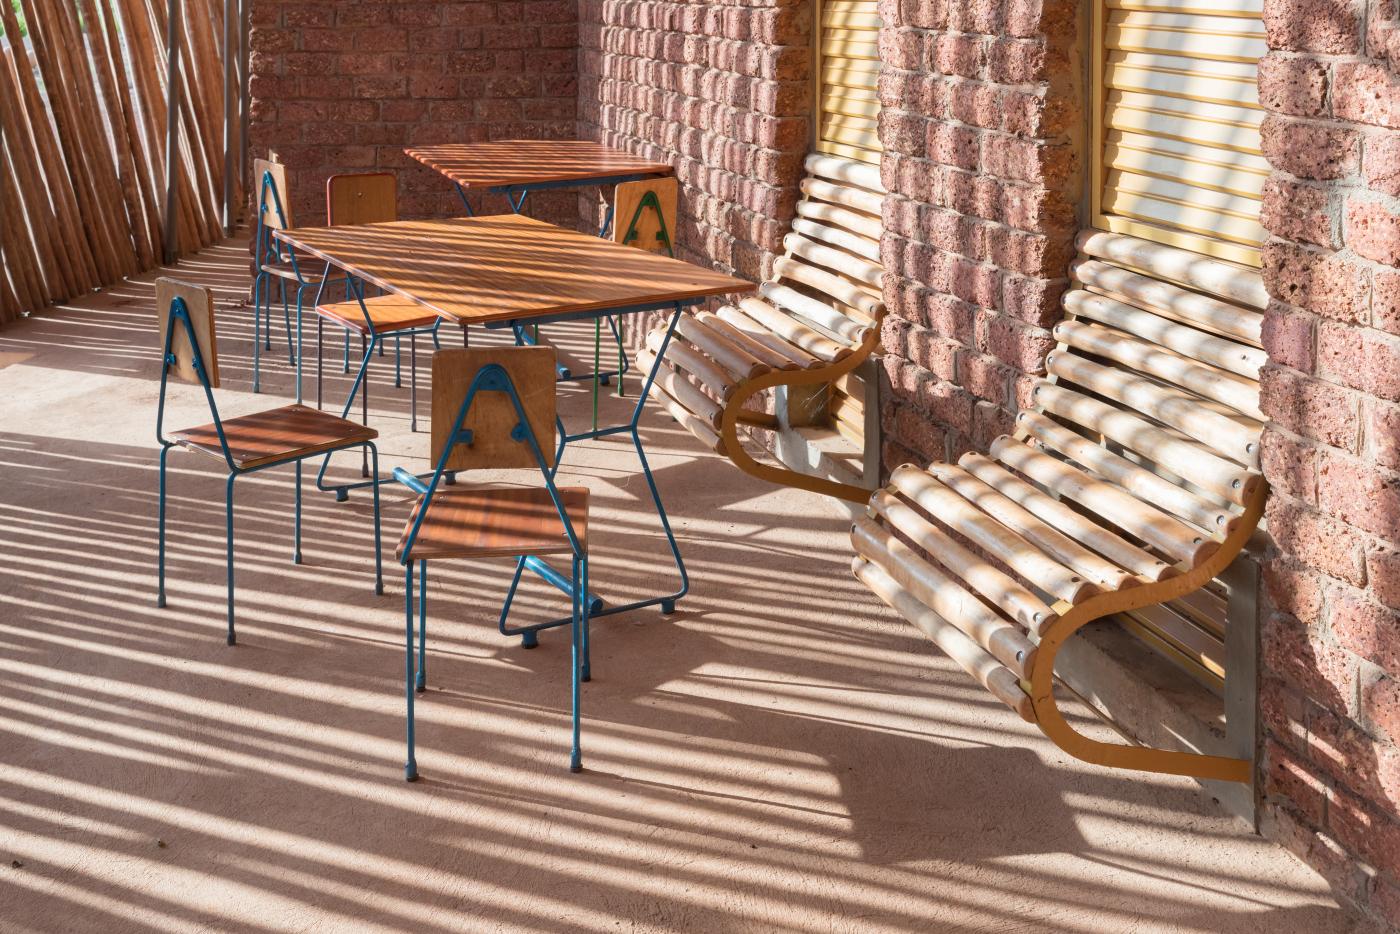 Detalhe das mesas e cadeiras criadas com materiais da região, e dos bancos de madeira que surgem das janelas.